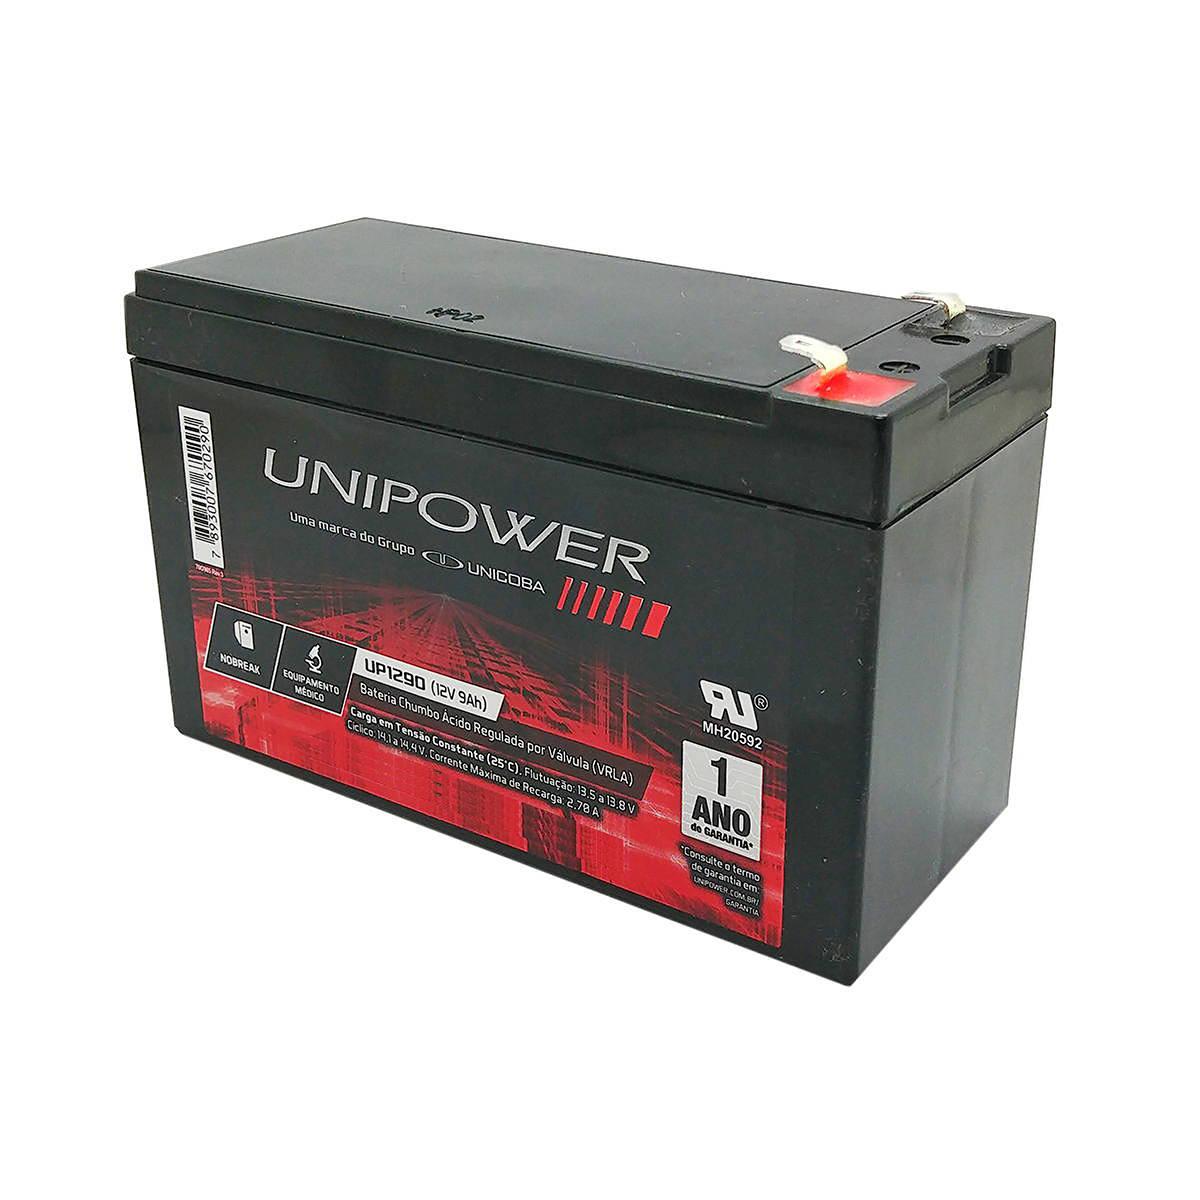 Bateria 12V 9Ah Selada para Brinquedos Eletrônicos Nobreaks Sistemas de Segurança e Alarme Unicoba Unipower UP1290